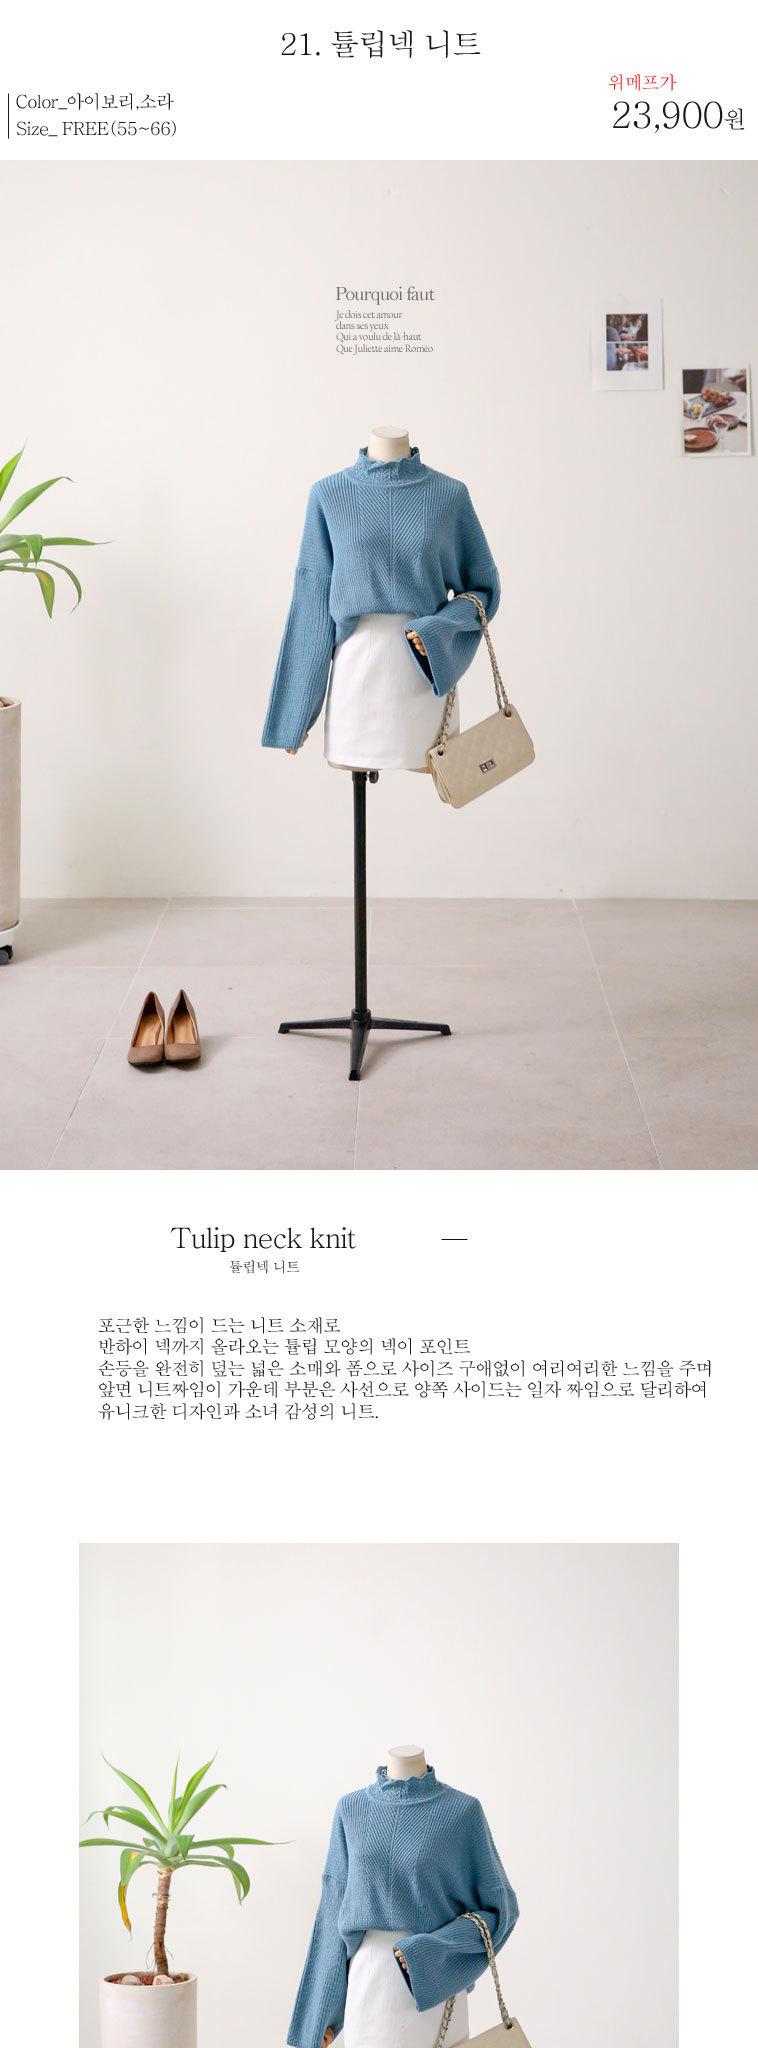 [무료배송] 타라디토 ALL특가로 드림 - 상세정보